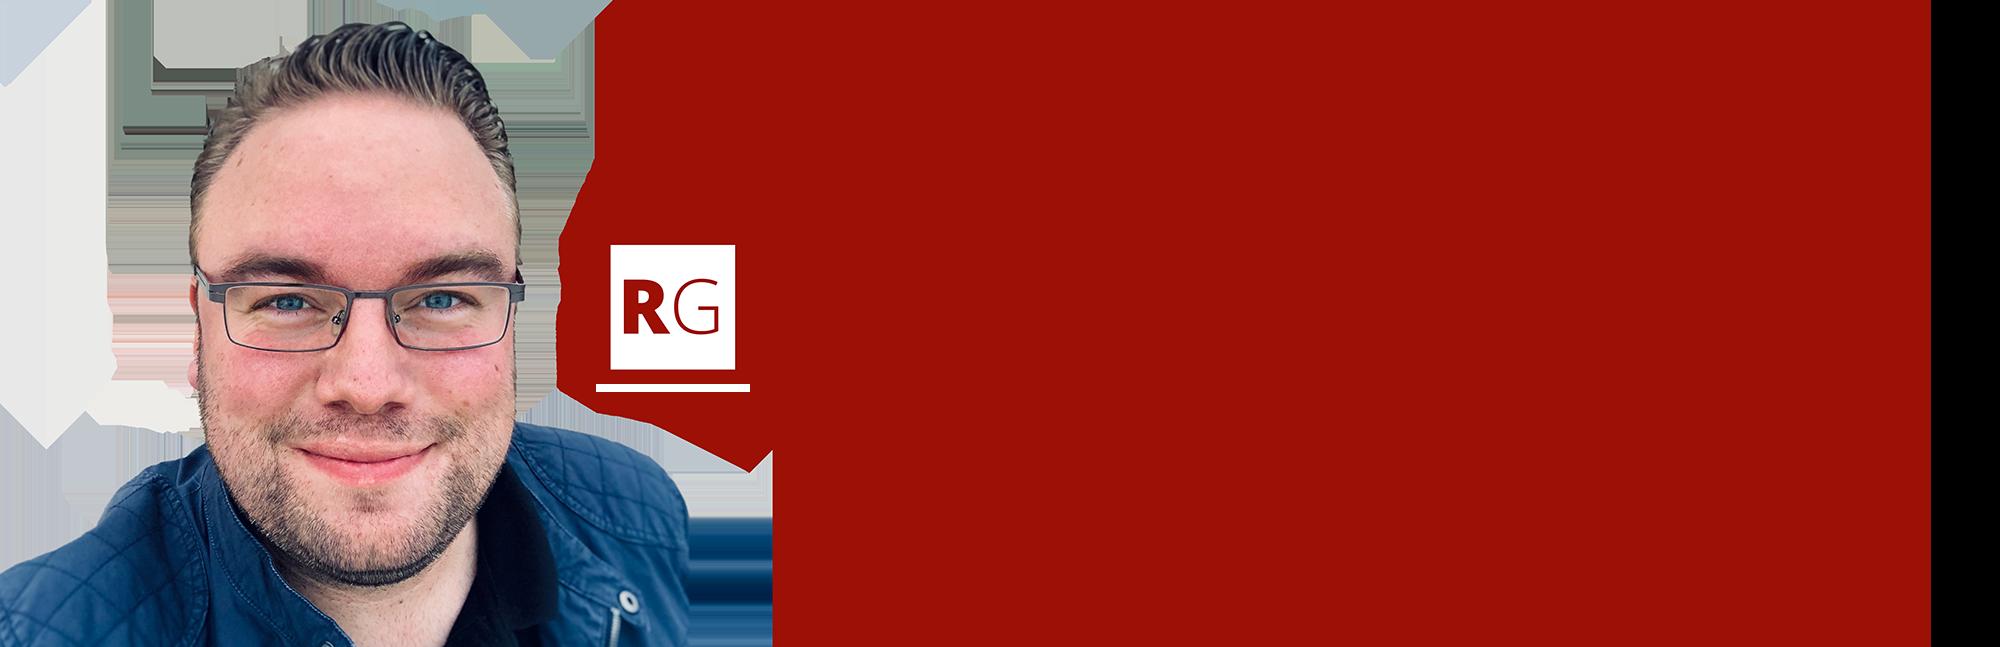 Ruben Grüssing I Für Detern, Jümme und den Landkreis Leer!